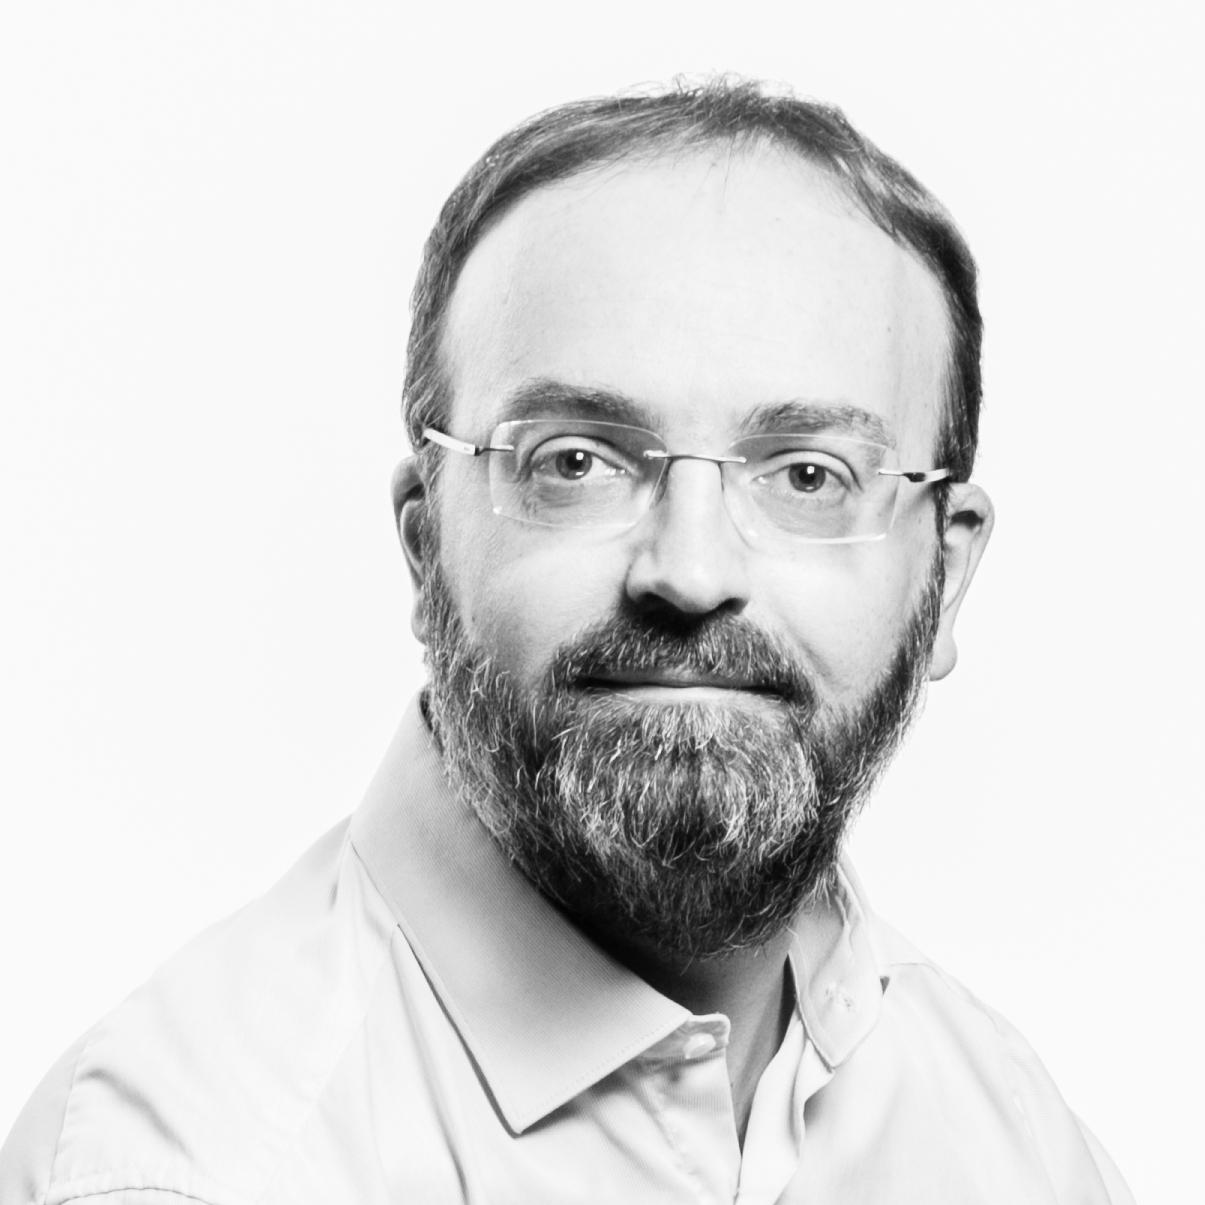 Marco Ghislanzoni